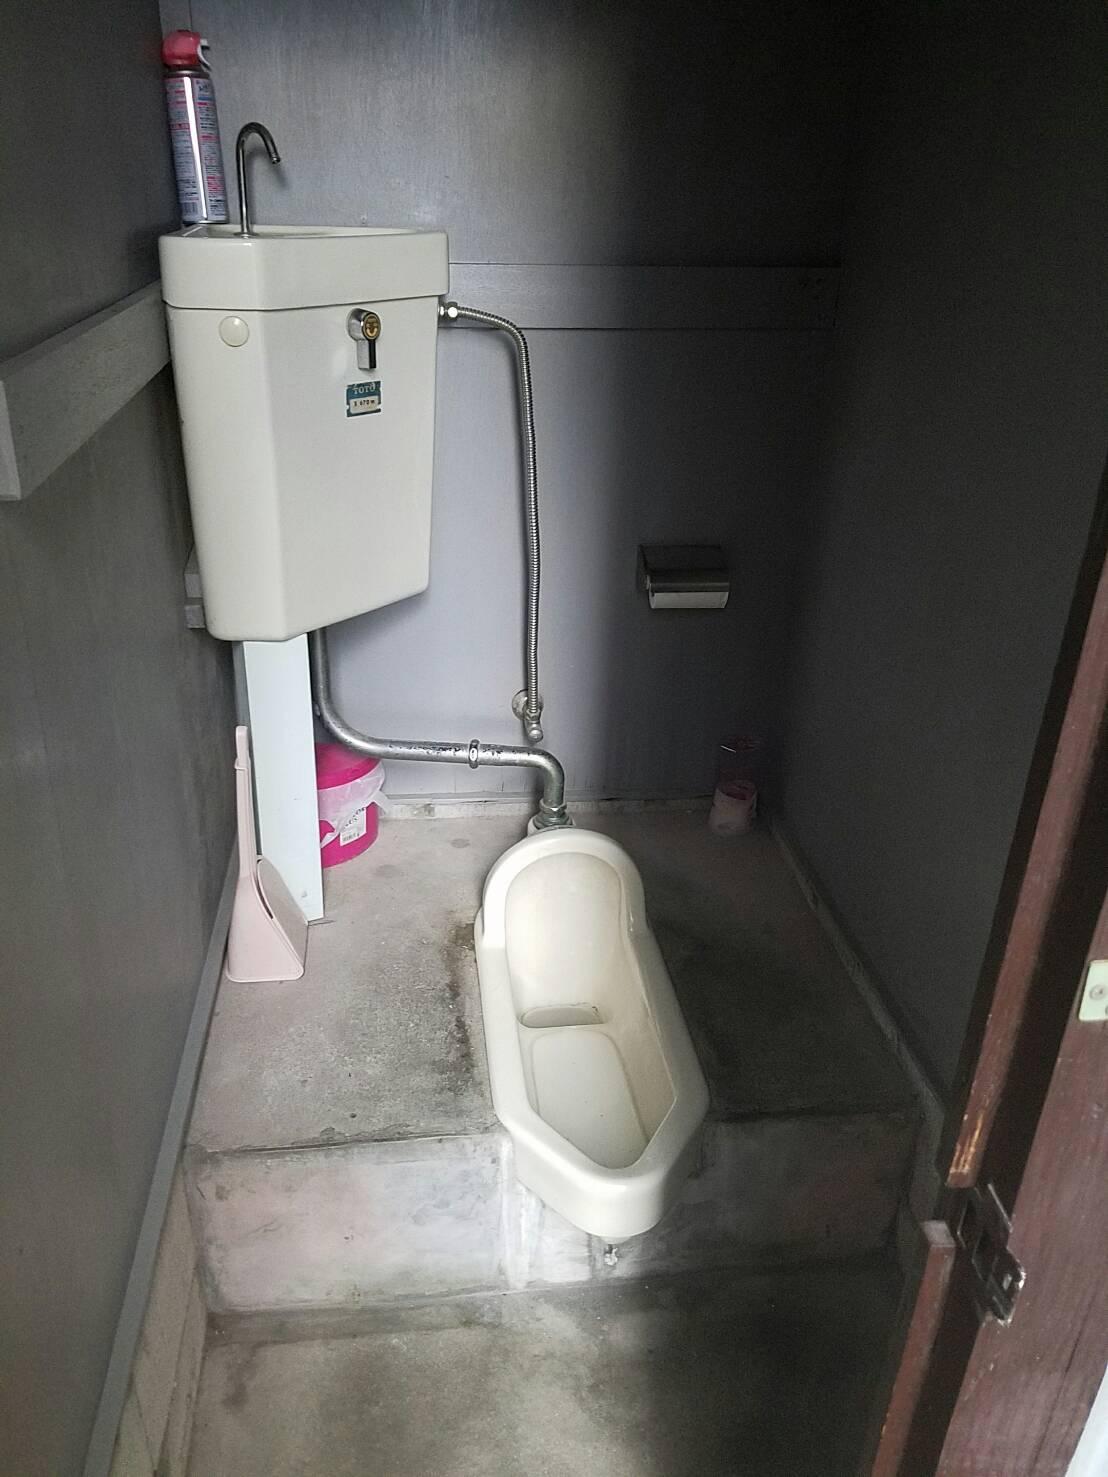 トイレは和式から洋式にかわり、とてもきれいになりました。